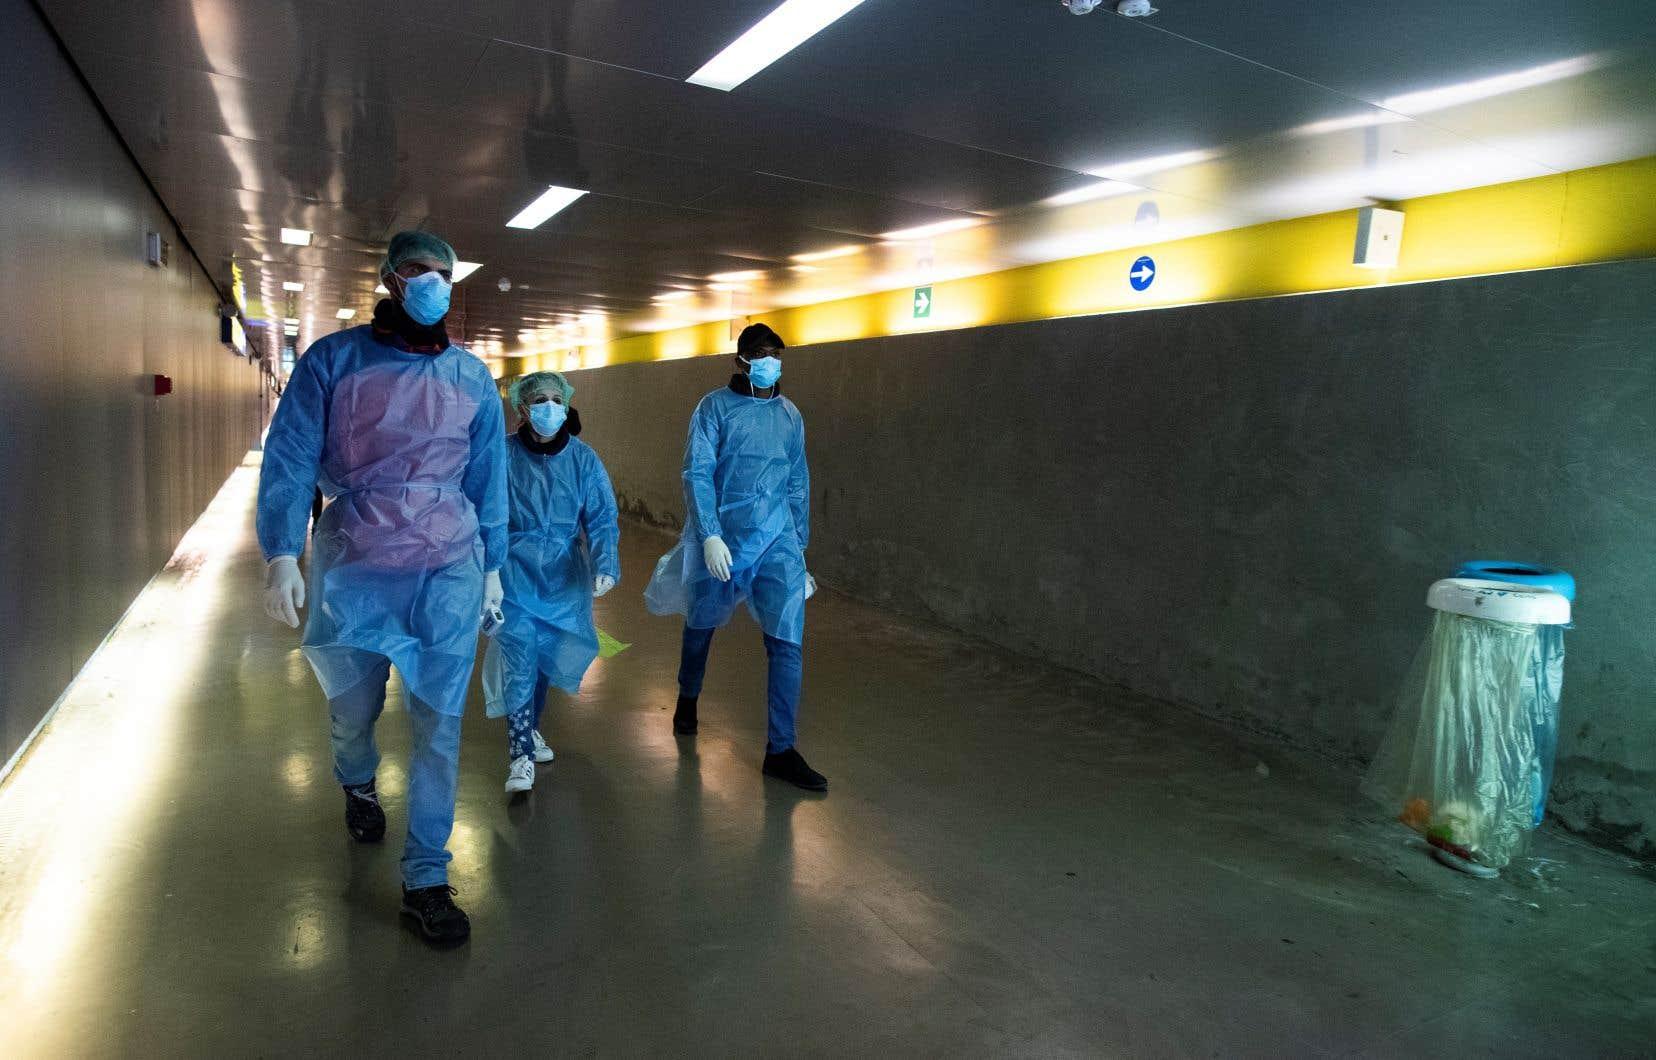 Le tiers des activités médicales et des chirurgies ont déjà été stoppées dans le nord de l'Italie pour permettre aux hôpitaux d'affronter la deuxièmevague.